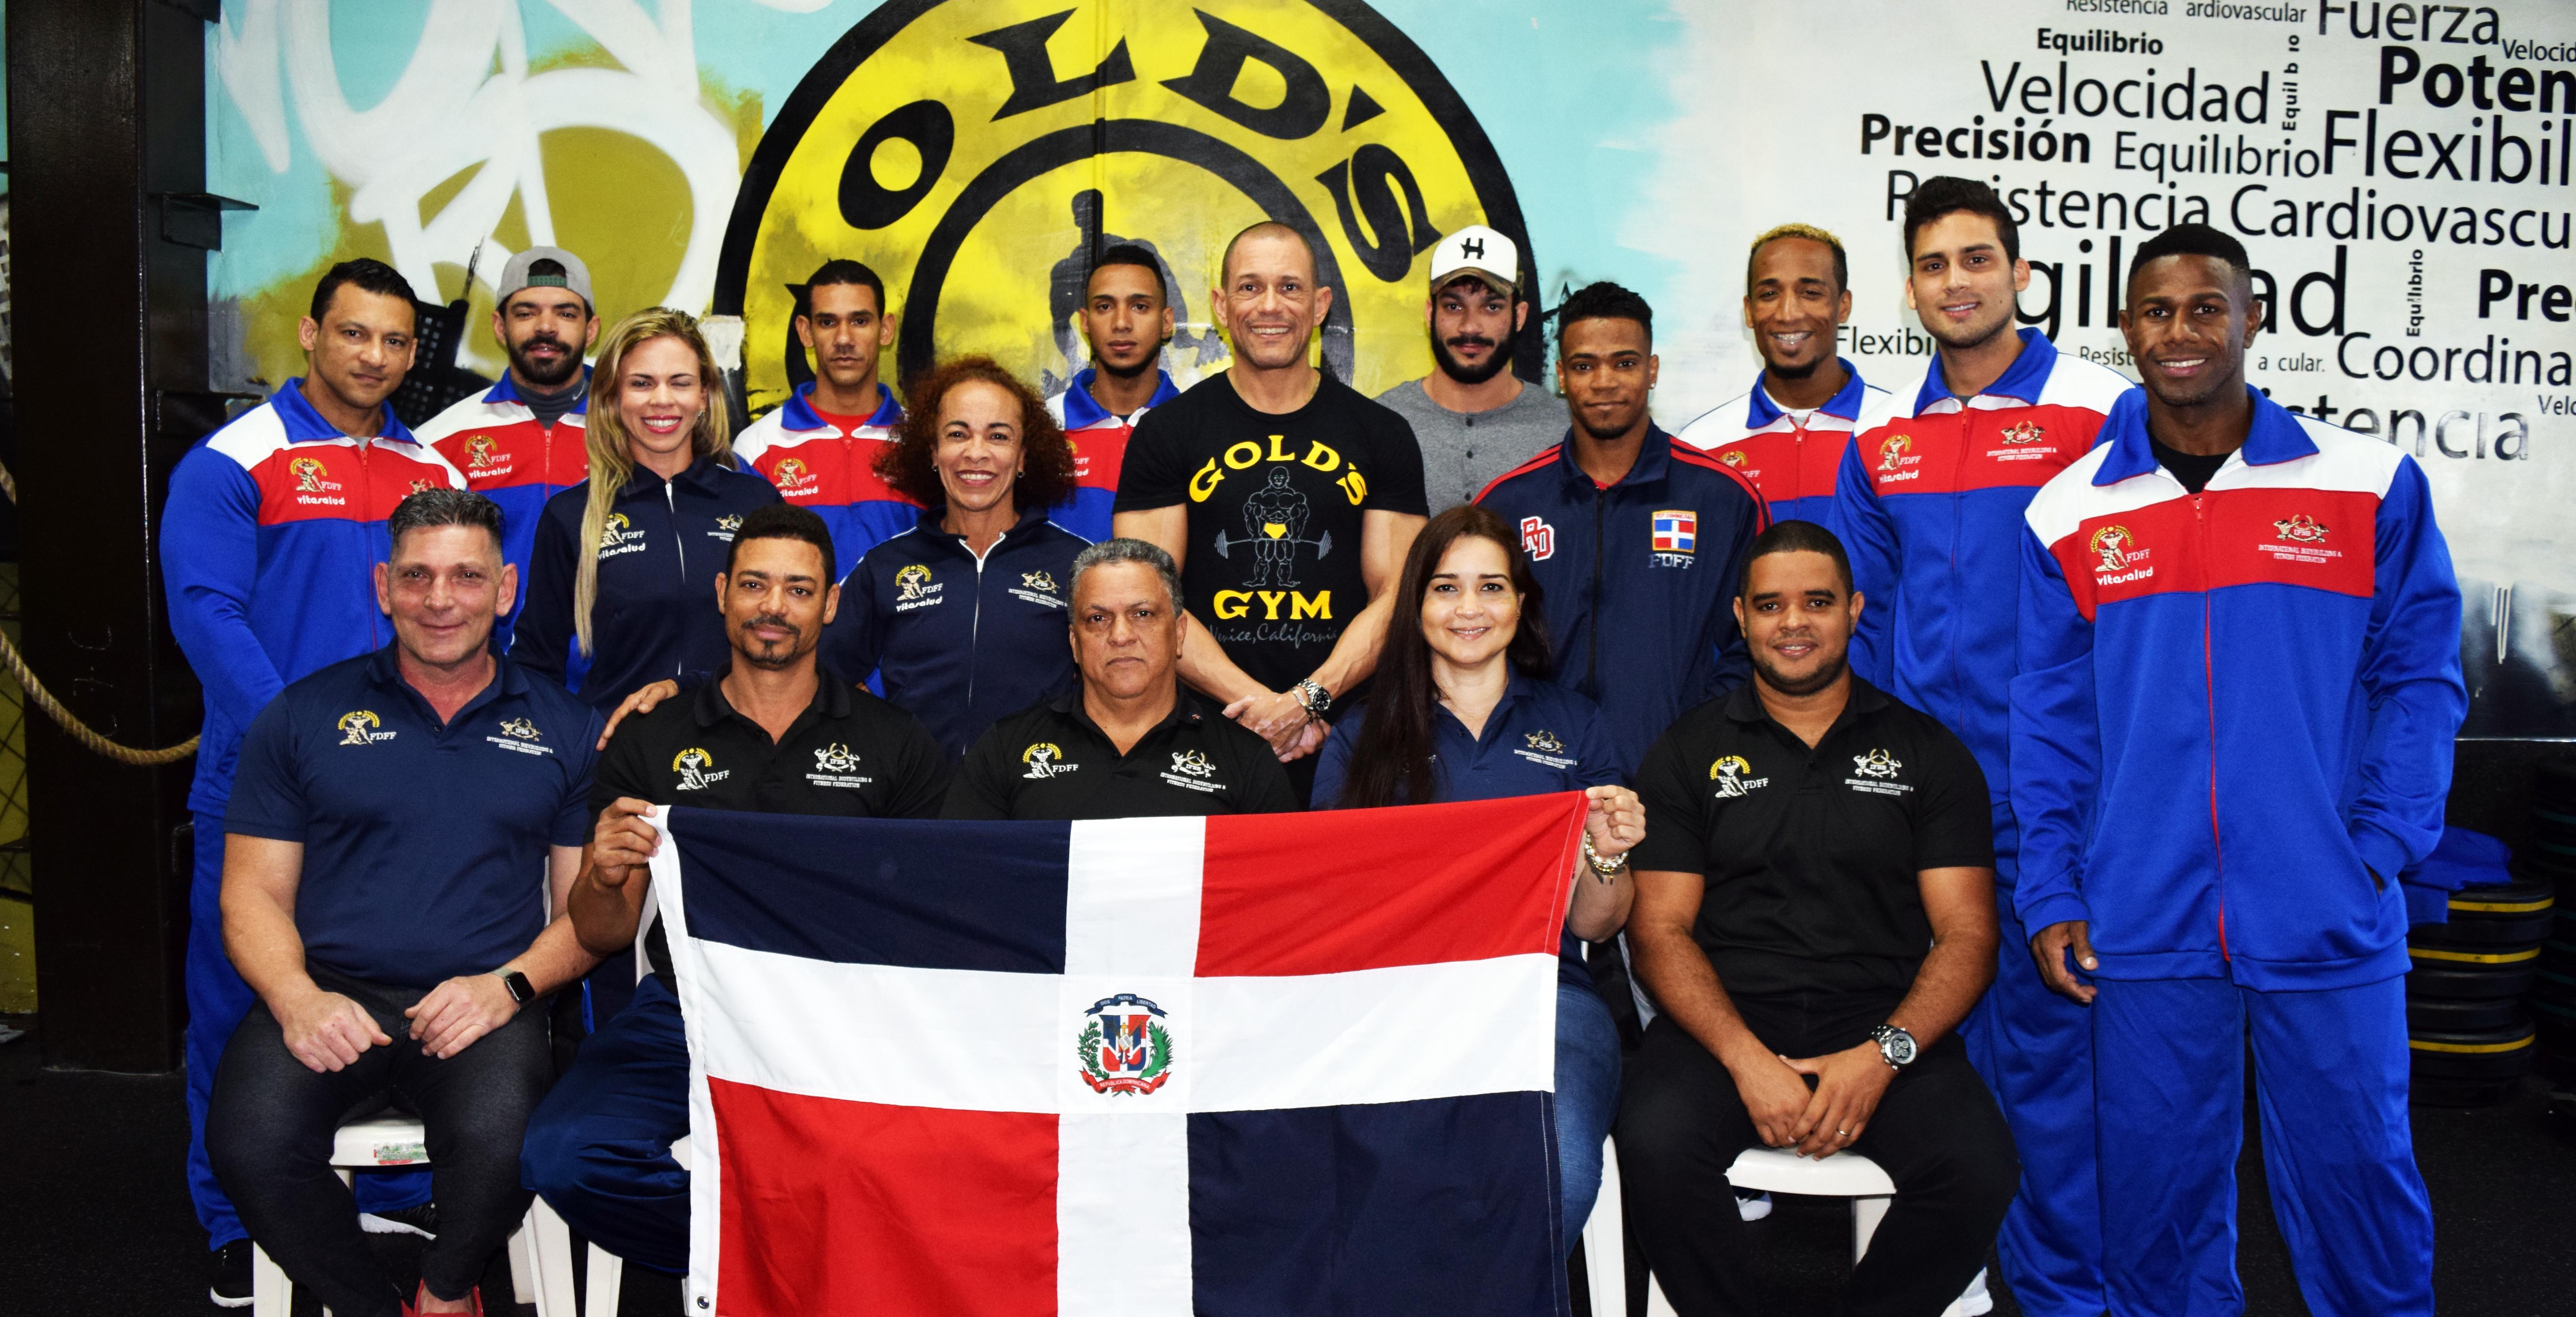 Olympia Amateur Sur América